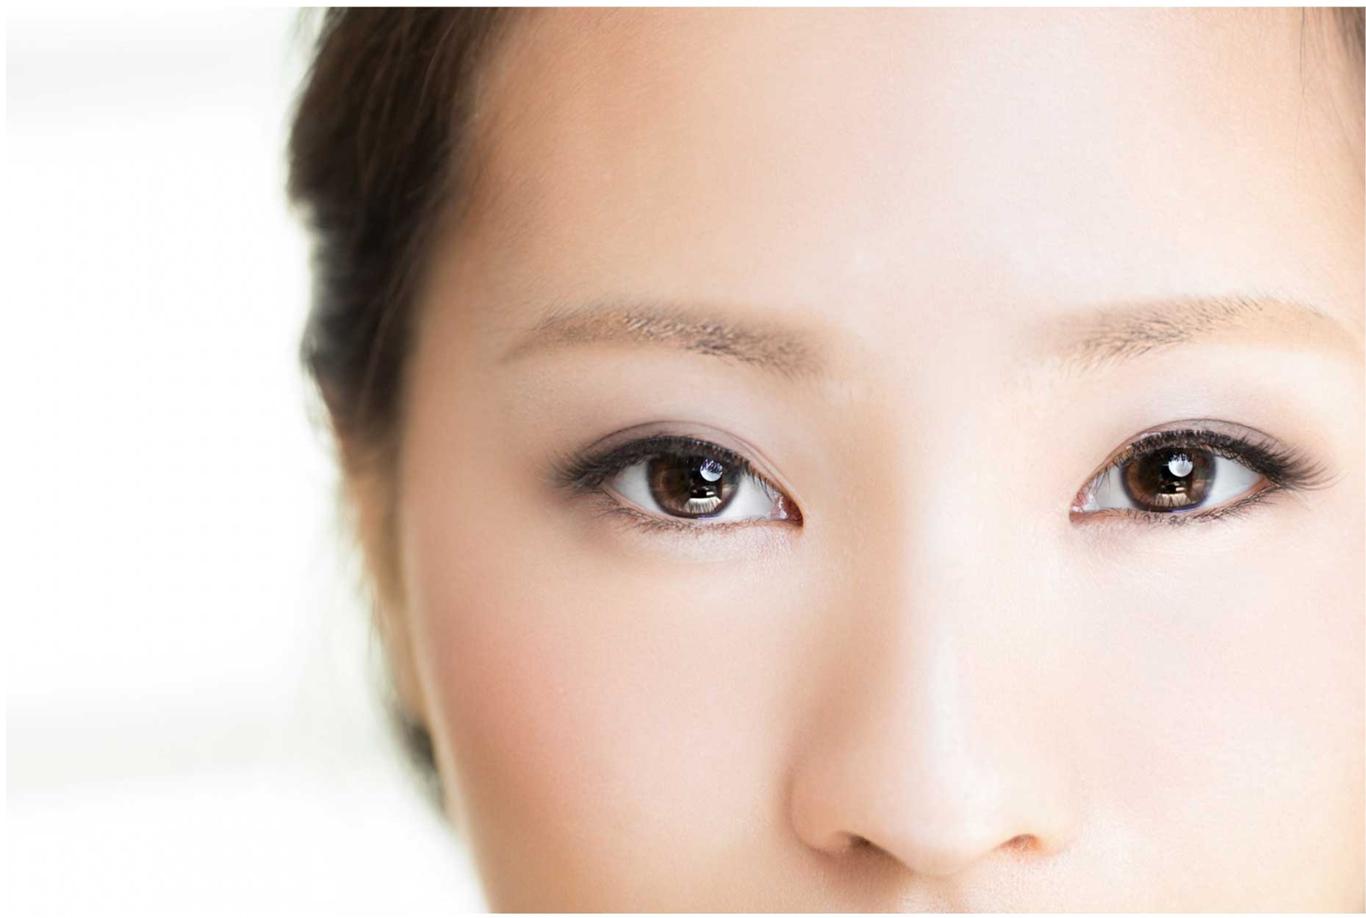 美容整形手術(二重まぶた、まぶた) イメージ